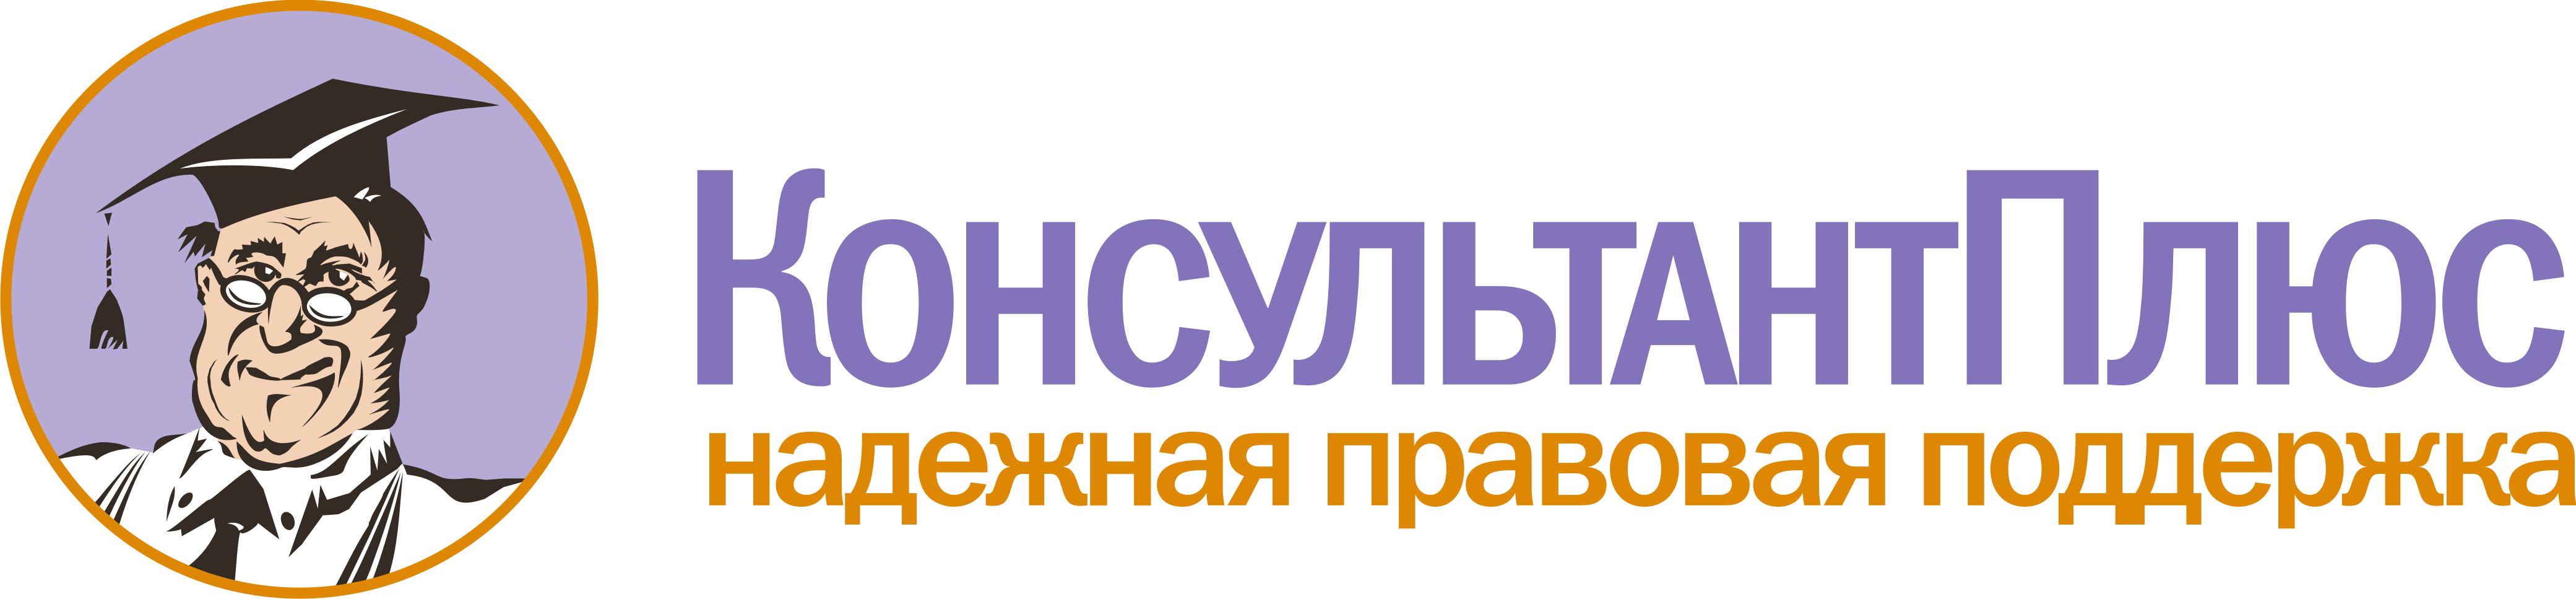 Картинки по запросу Консультант ПЛЮС